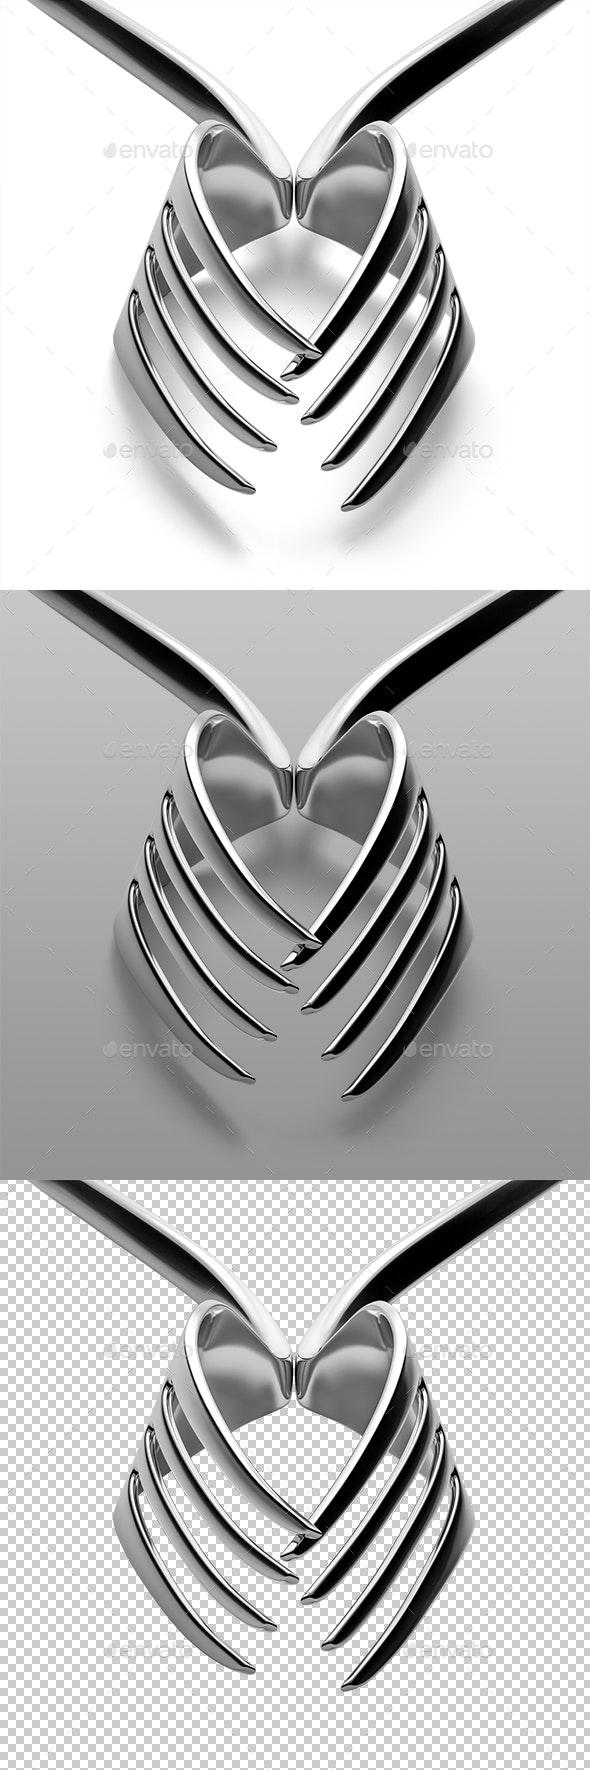 Forks Heart Silhouette - Objects 3D Renders